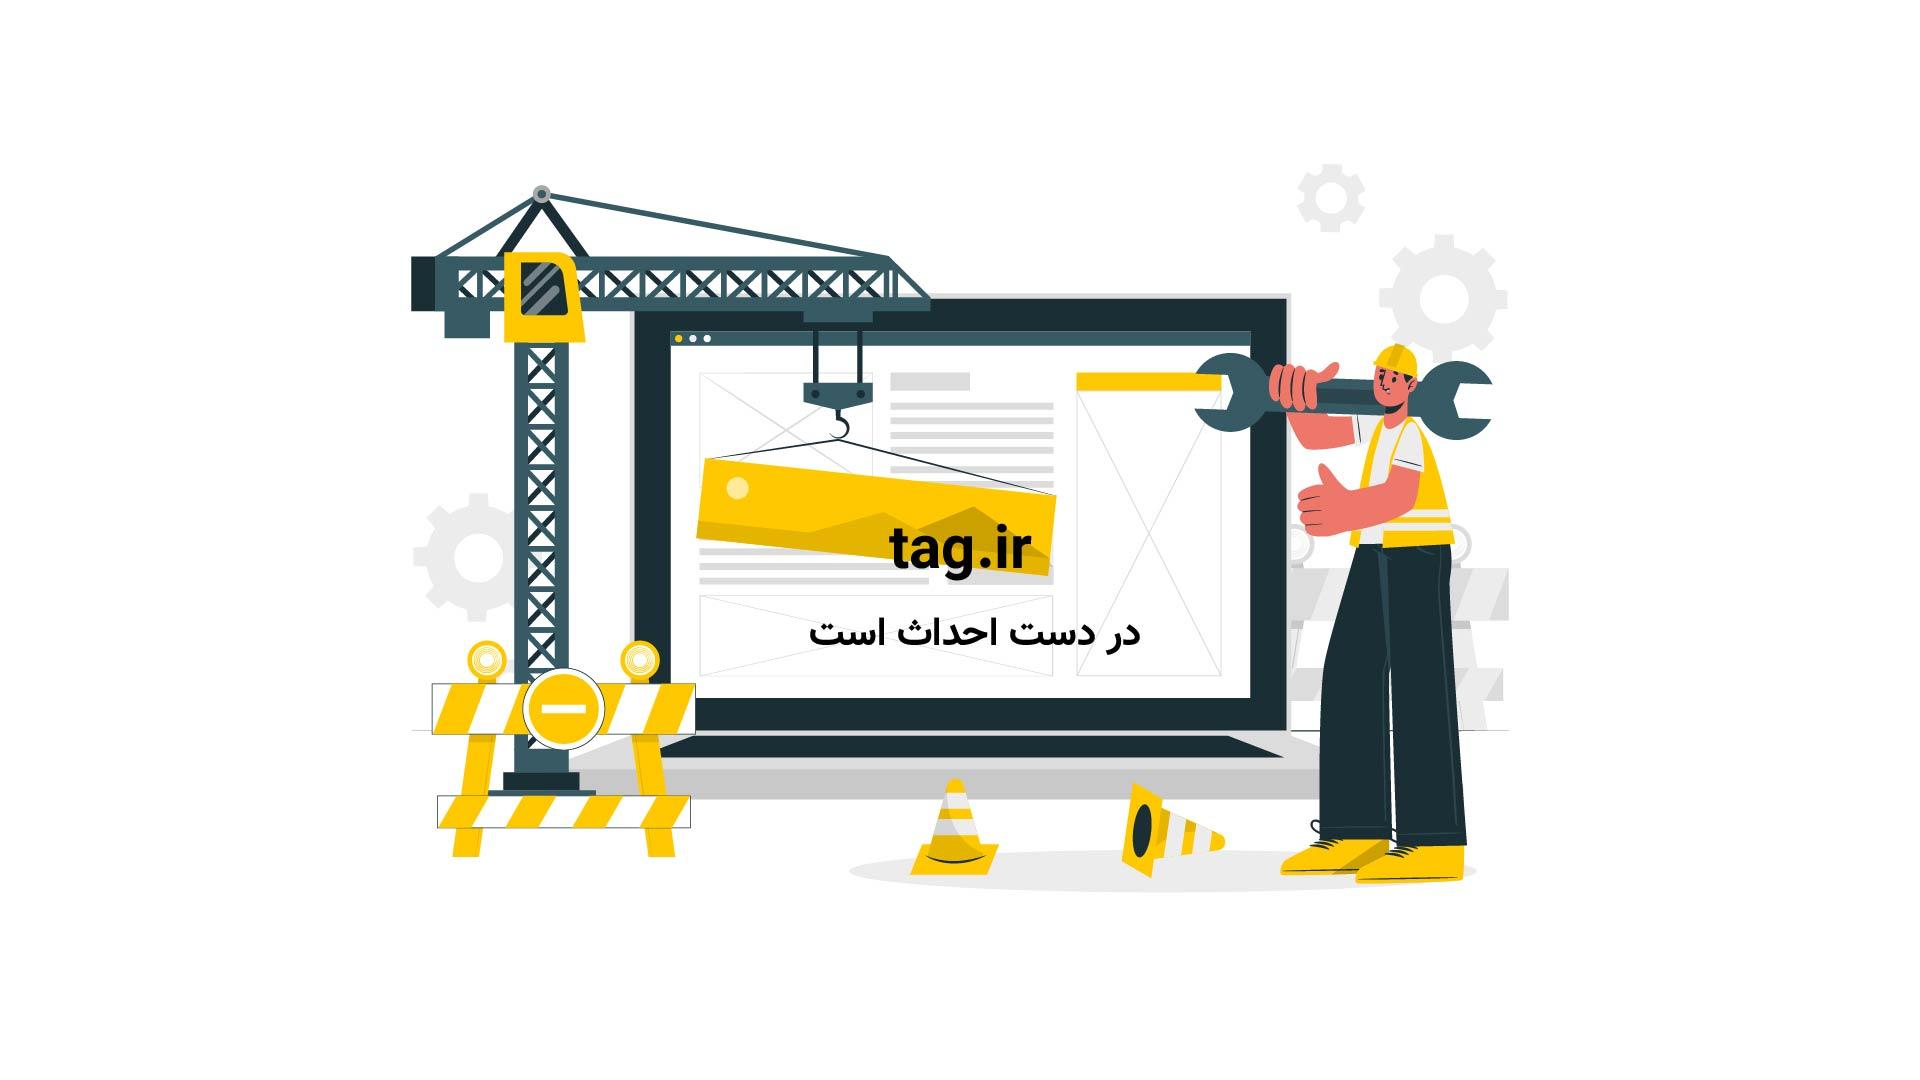 تکنیک نقاشی با آبرنگ؛ کشیدن نقاشی با تکنیک خیس در خیس | فیلم